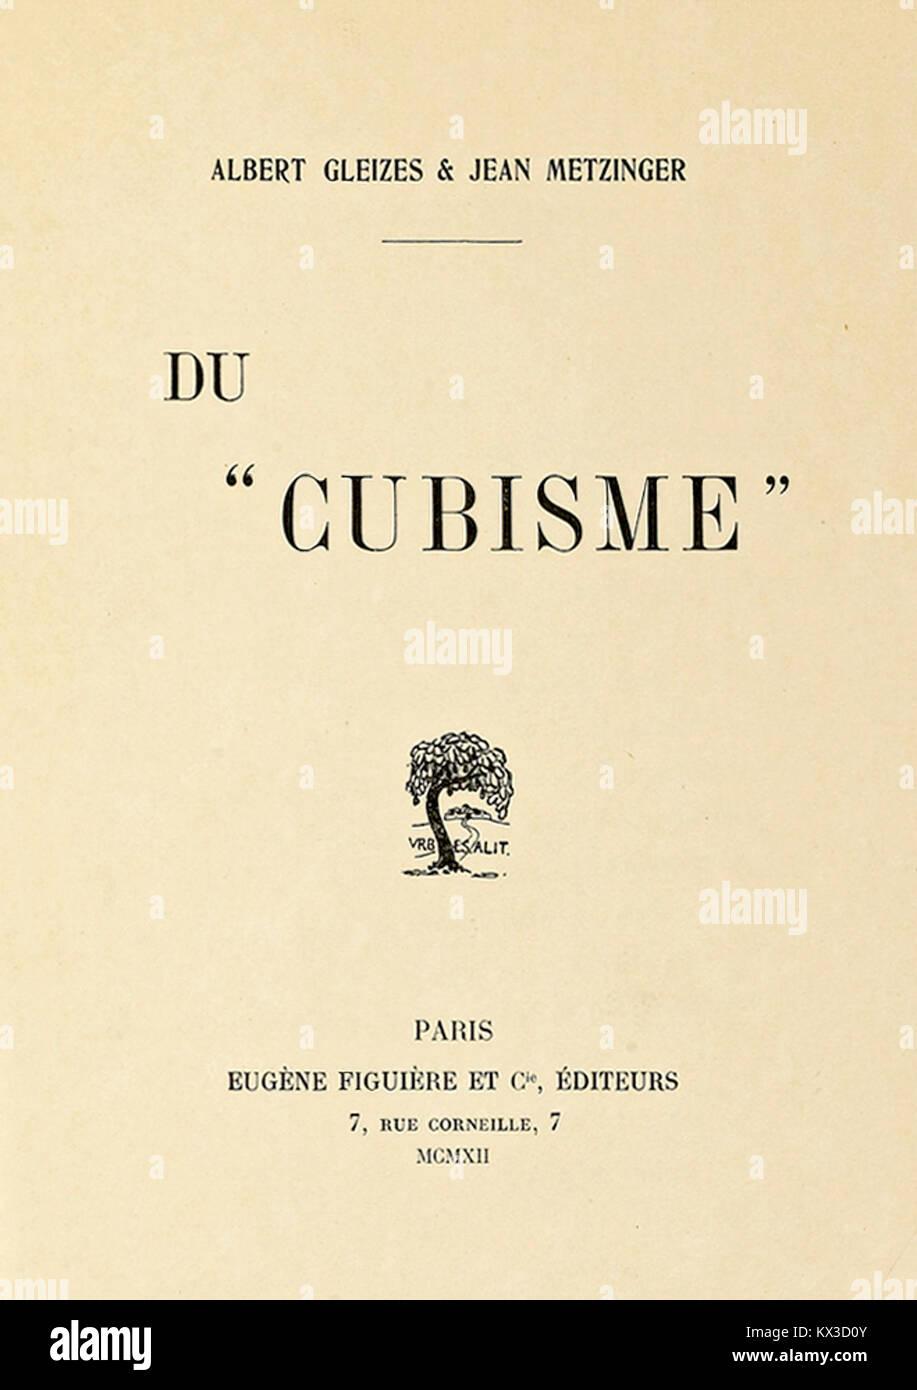 Du 'Cubisme', 1912, Jean Metzinger, Albert Gleizes, Eugène Figuière Editeurs (cover) - Stock Image